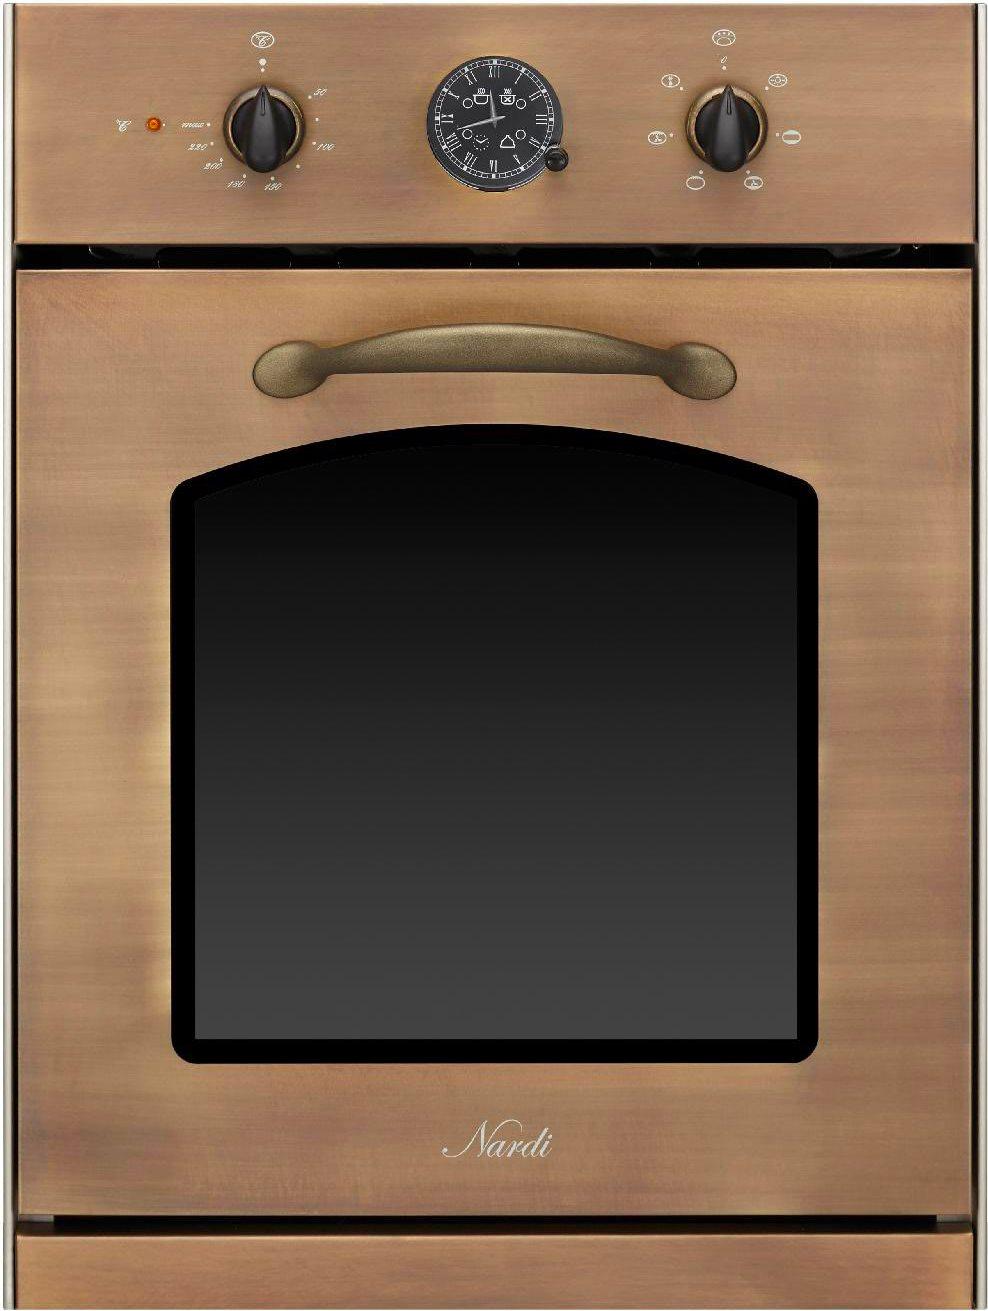 Forno ad incasso nardi nardi lsih forno elettrico incasso candy fclg nero forni da incasso - Forno ad incasso ventilato ...